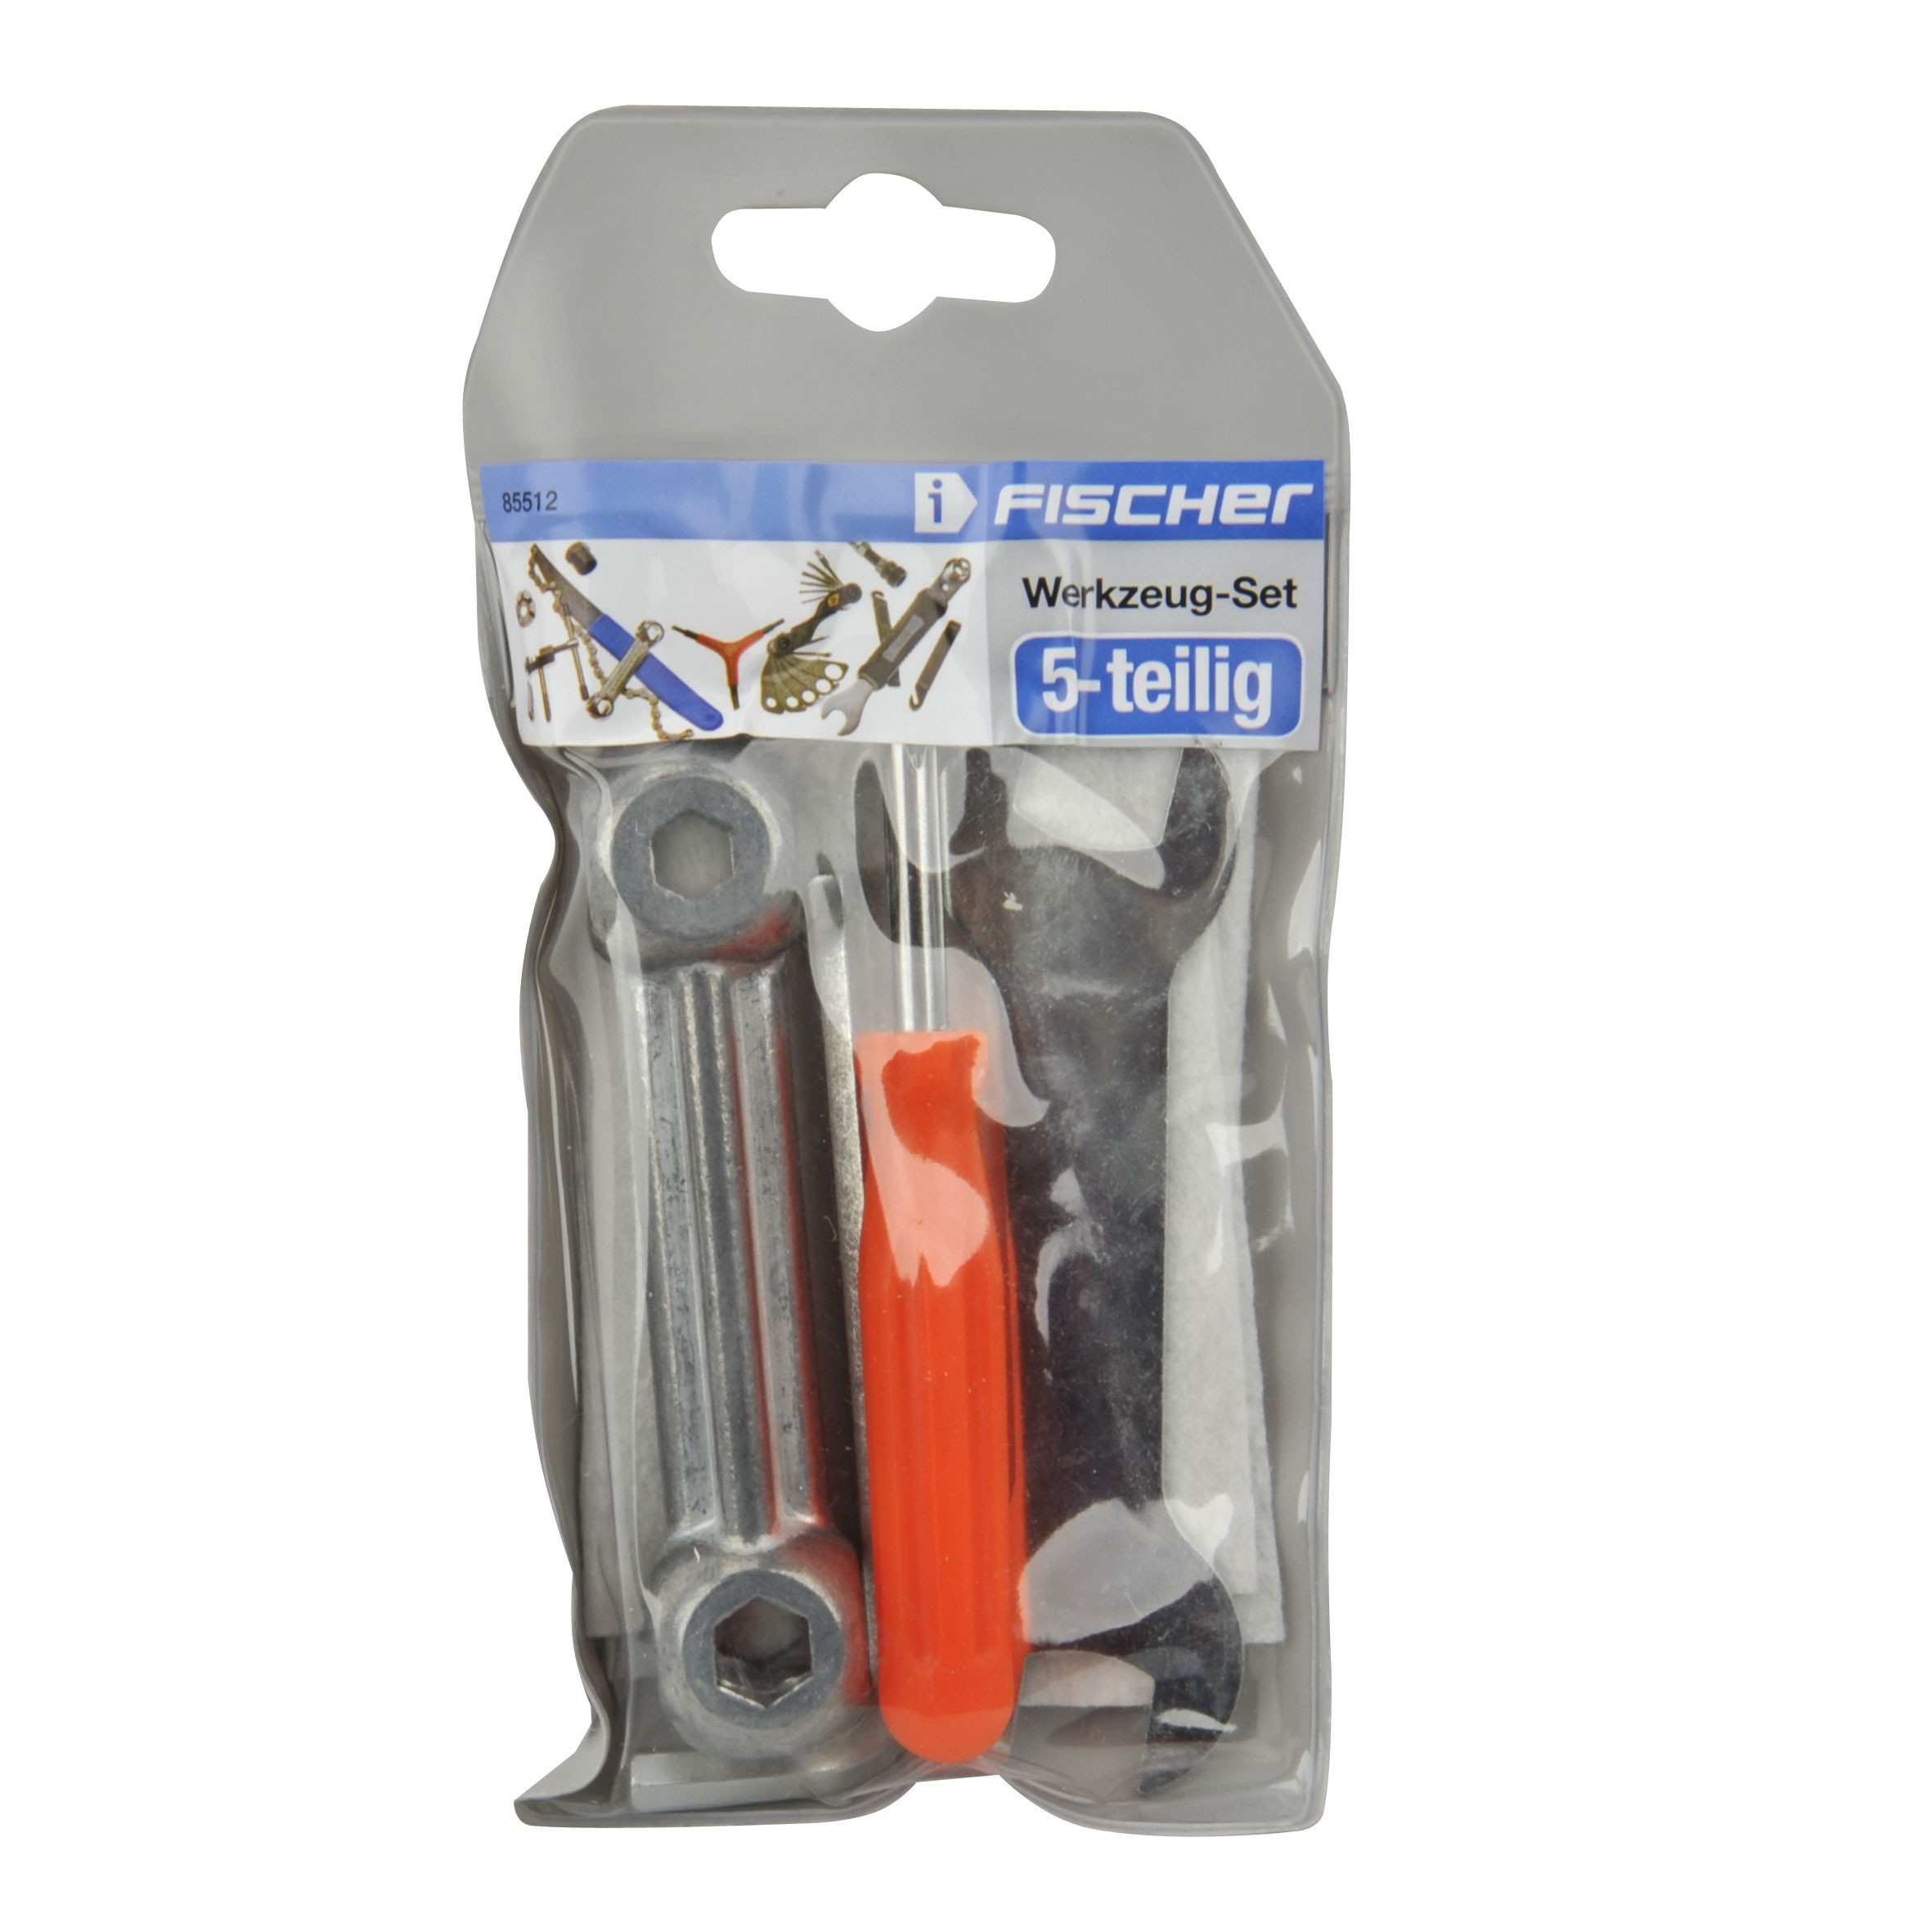 Fischer Werkzeug-Set 5-teilig für Fahrräder Bild 2